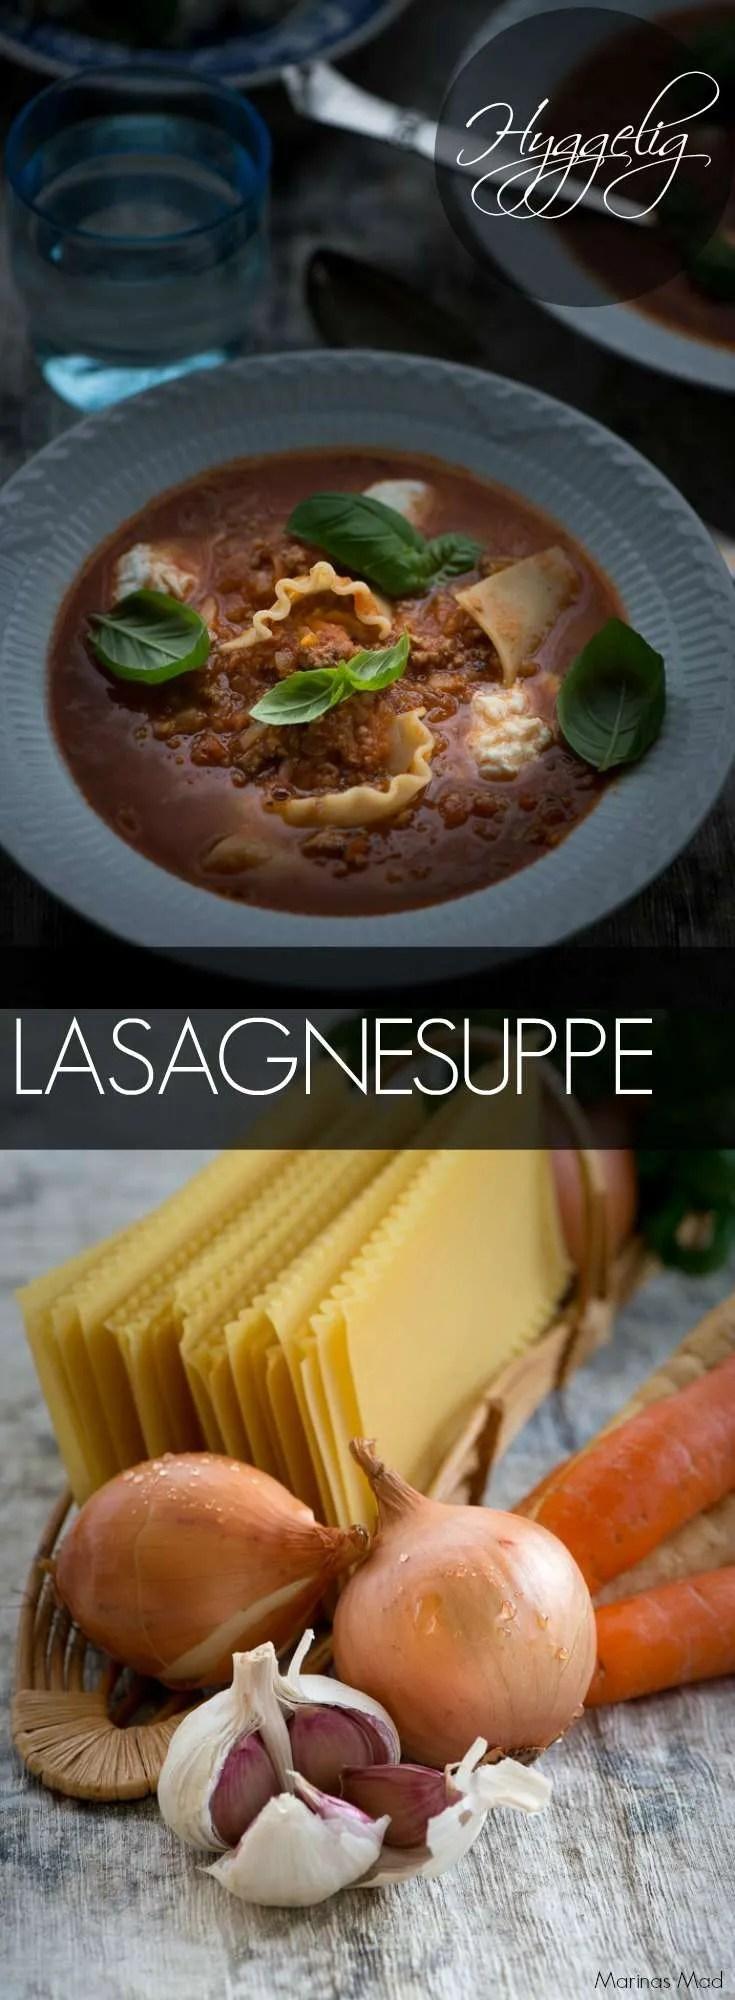 Nem og lækker lasagnesuppe er et hit hos de fleste børn. Suppen smager rent faktisk af lasagne men er meget nemmere at lave så den er rigtig god hverdagsmad. Børnevenlig opskrift fra Marinas Mad #opskrifter #aftensmad #børn #suppe #lasagne